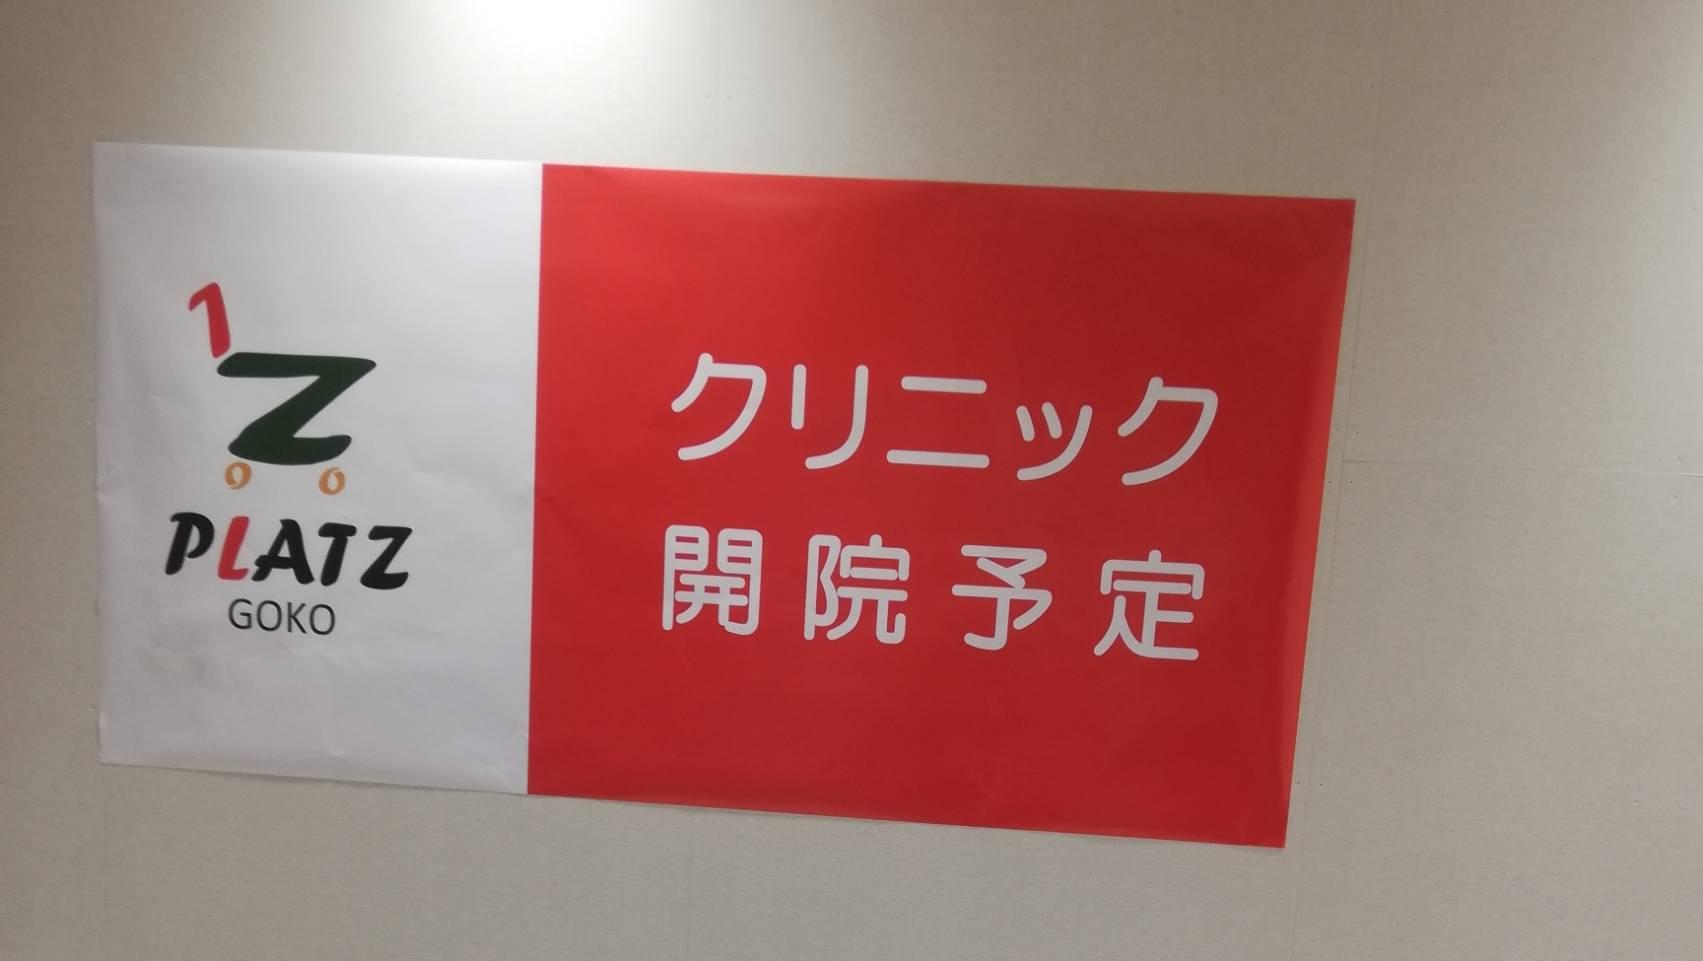 プラッツ五香Nanoデンタルクリニック2階